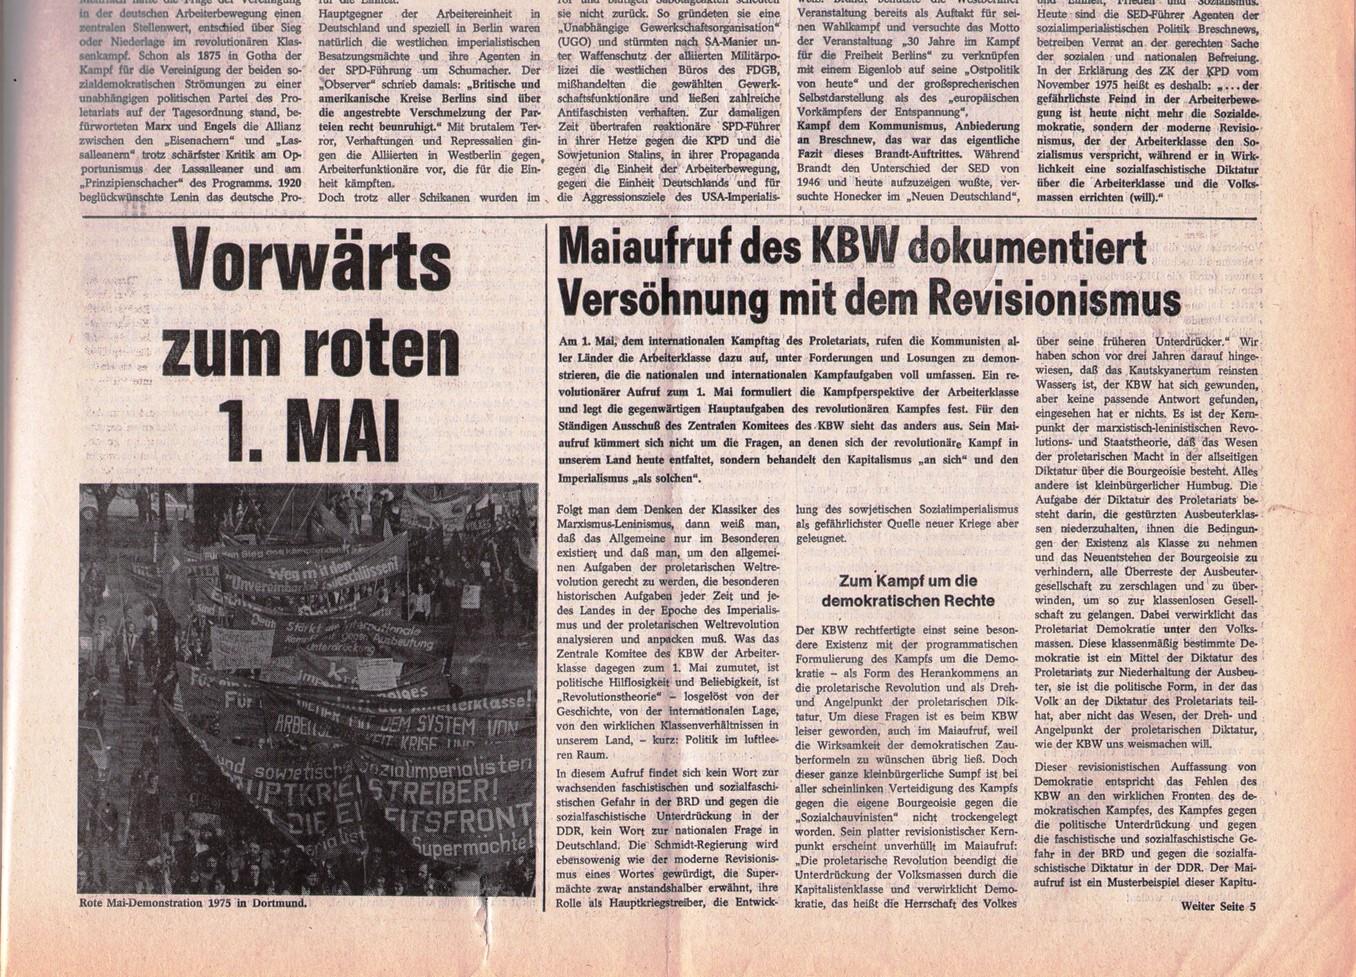 KPD_Rote_Fahne_1976_14_06